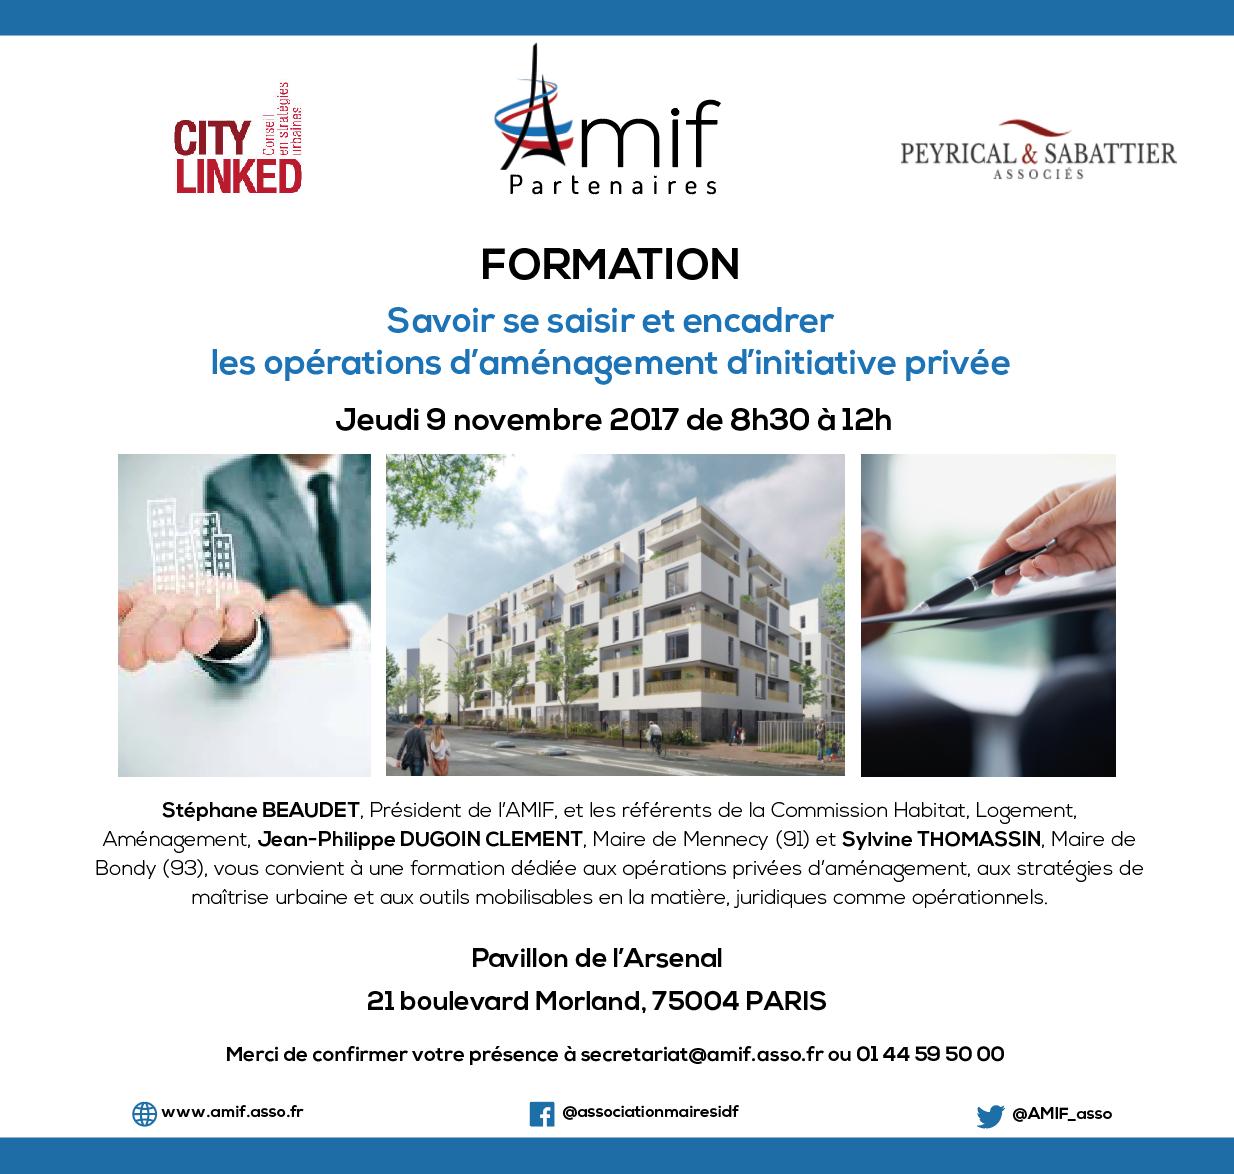 Participez à la formation AMIF PARTENAIRES sur l'aménagement du territoire !